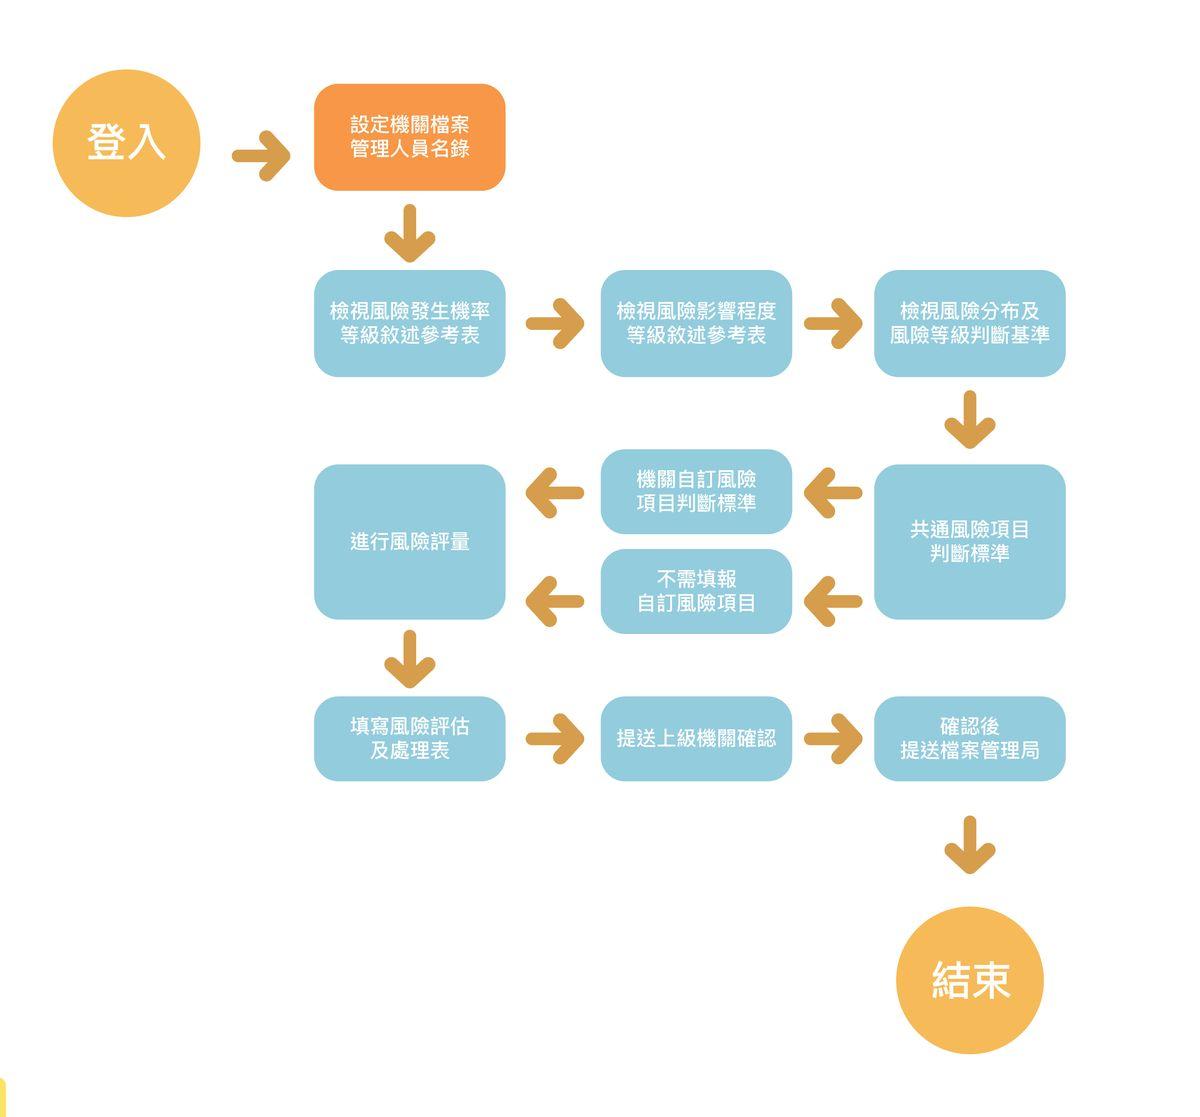 圖1 機關檔案風險填報流程圖